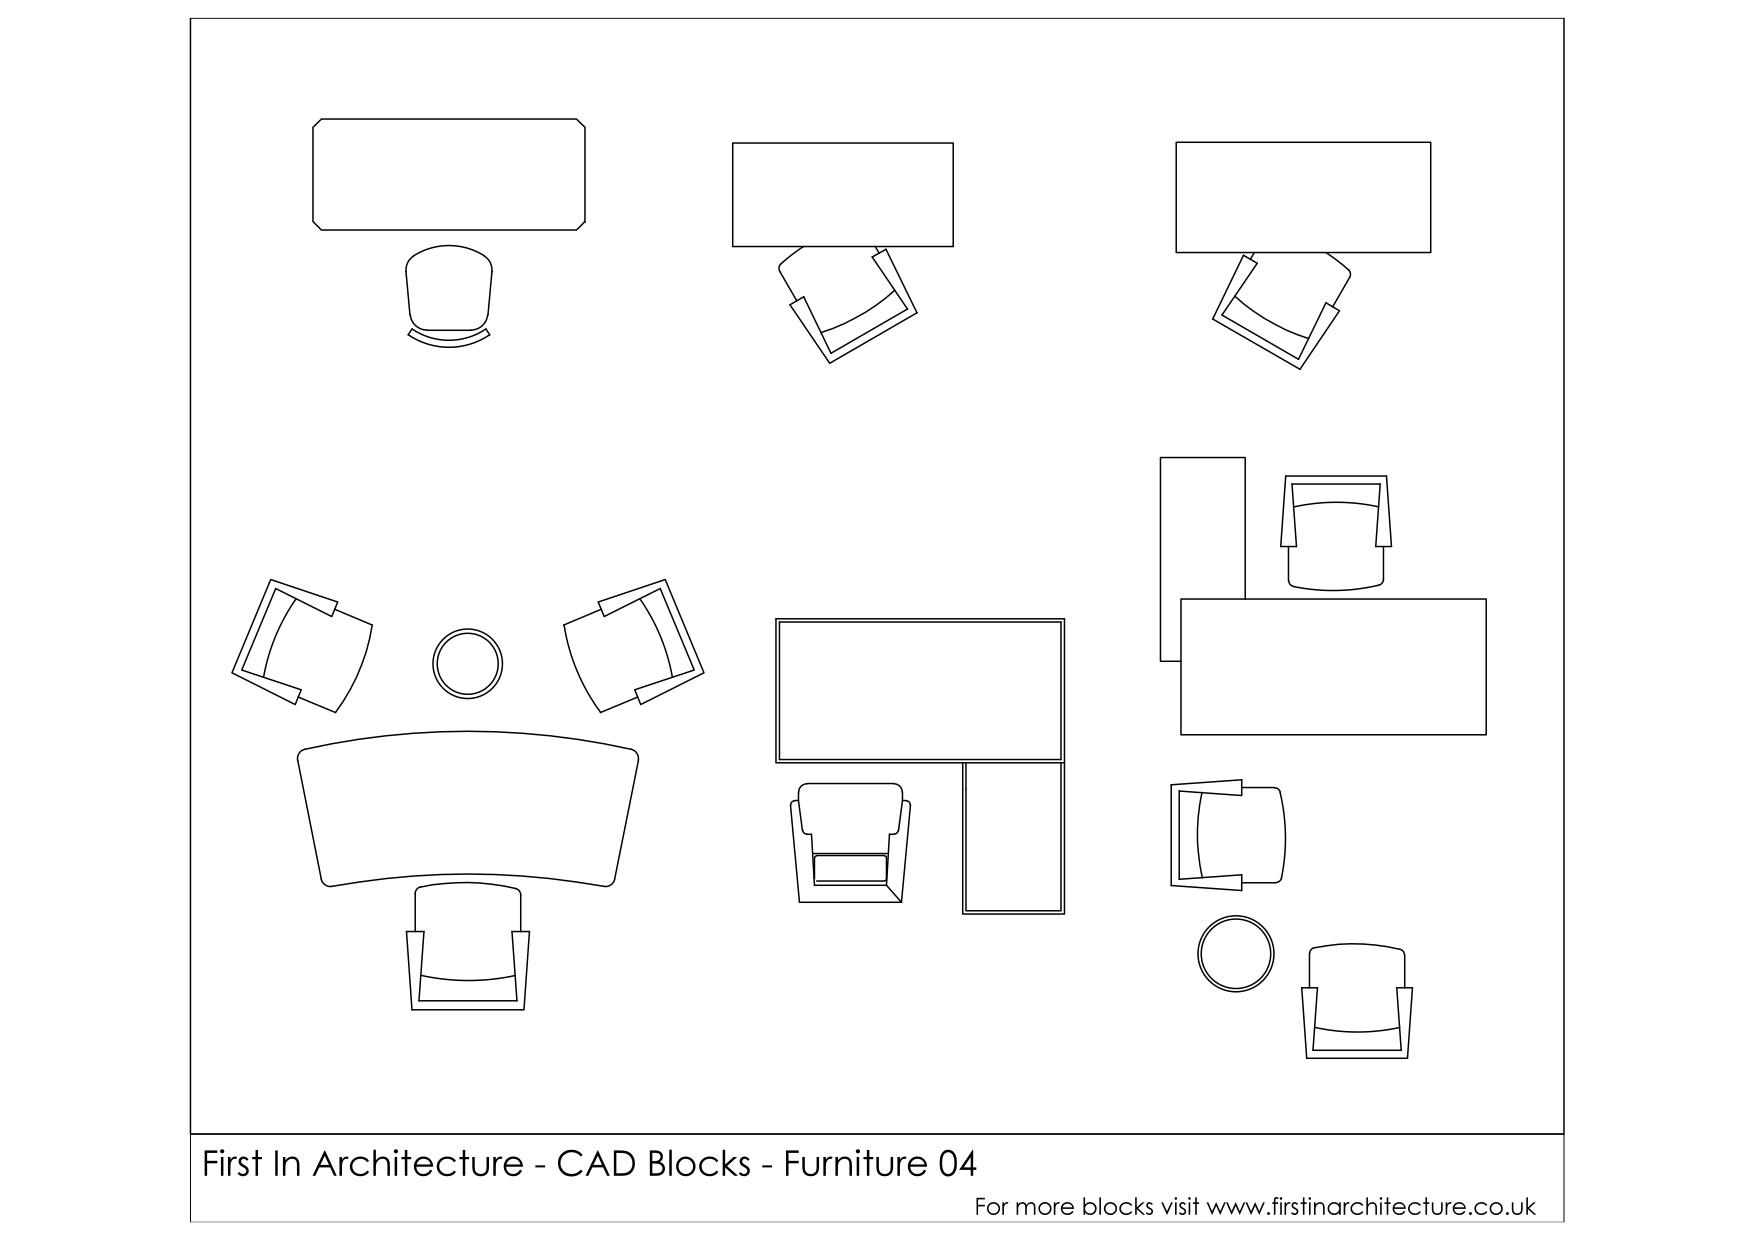 Drawn office workstation Blocks First Architecture Furniture Desks)